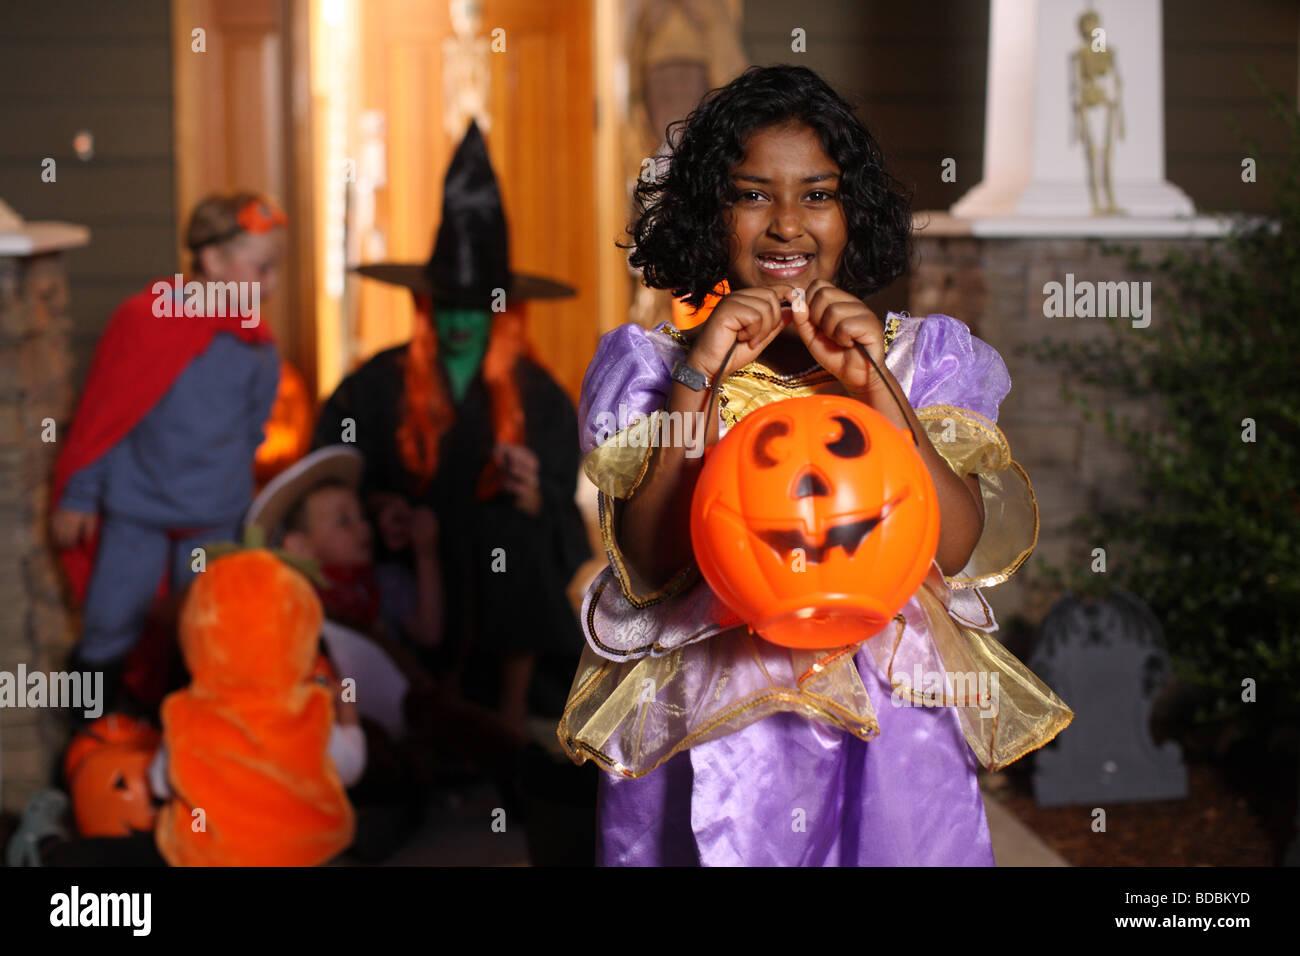 Chica en traje de fiesta de Halloween Imagen De Stock